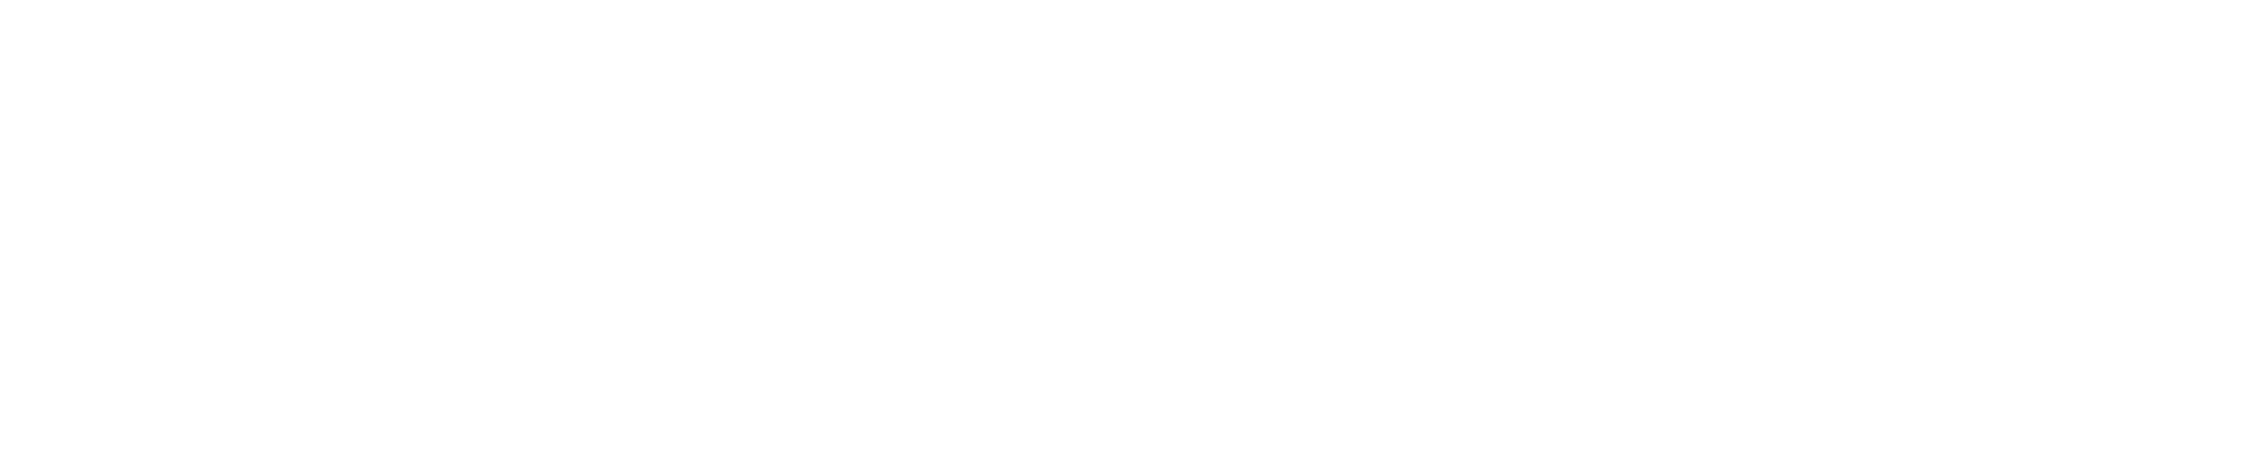 tc 02.png